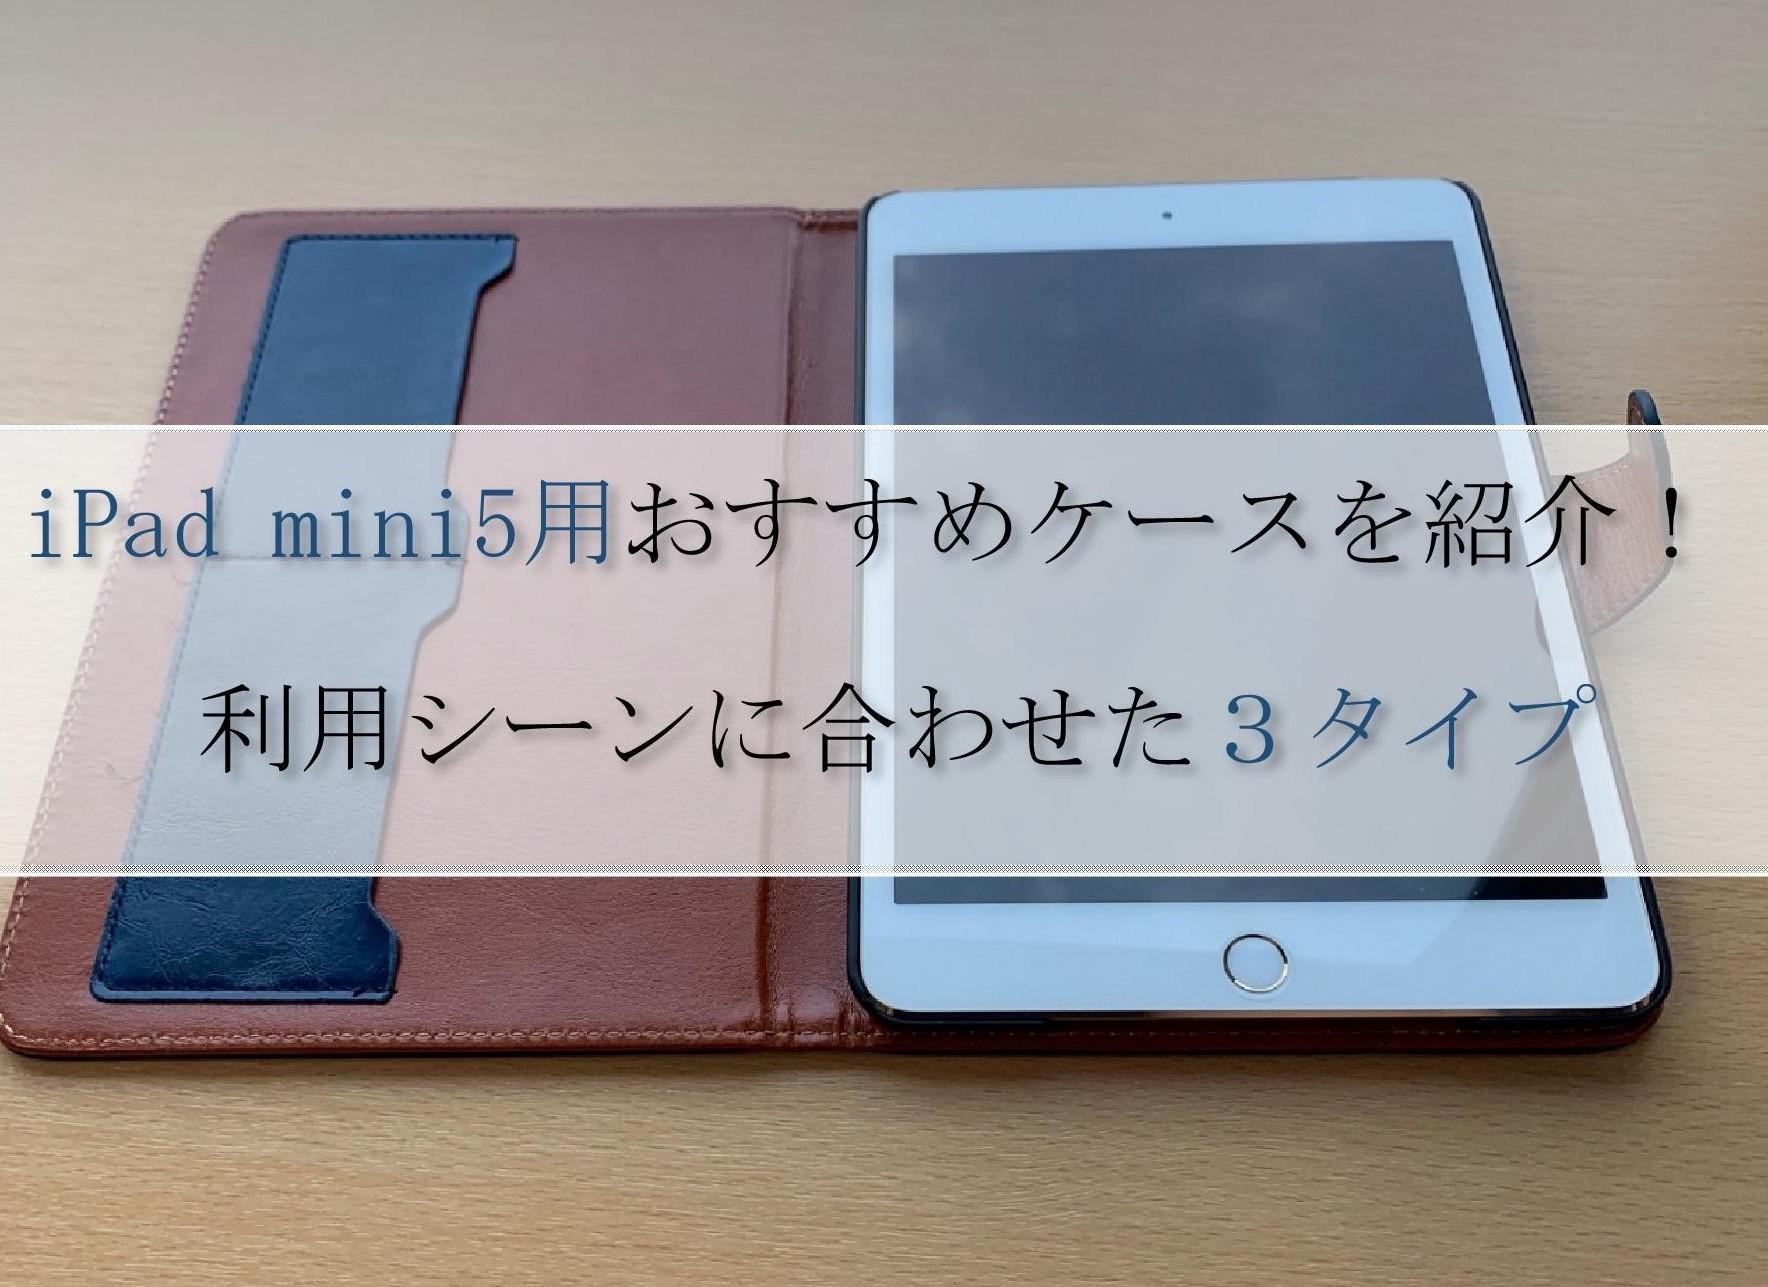 iPad mini5おすすめケース3種類!使って感じたメリット・デメリット